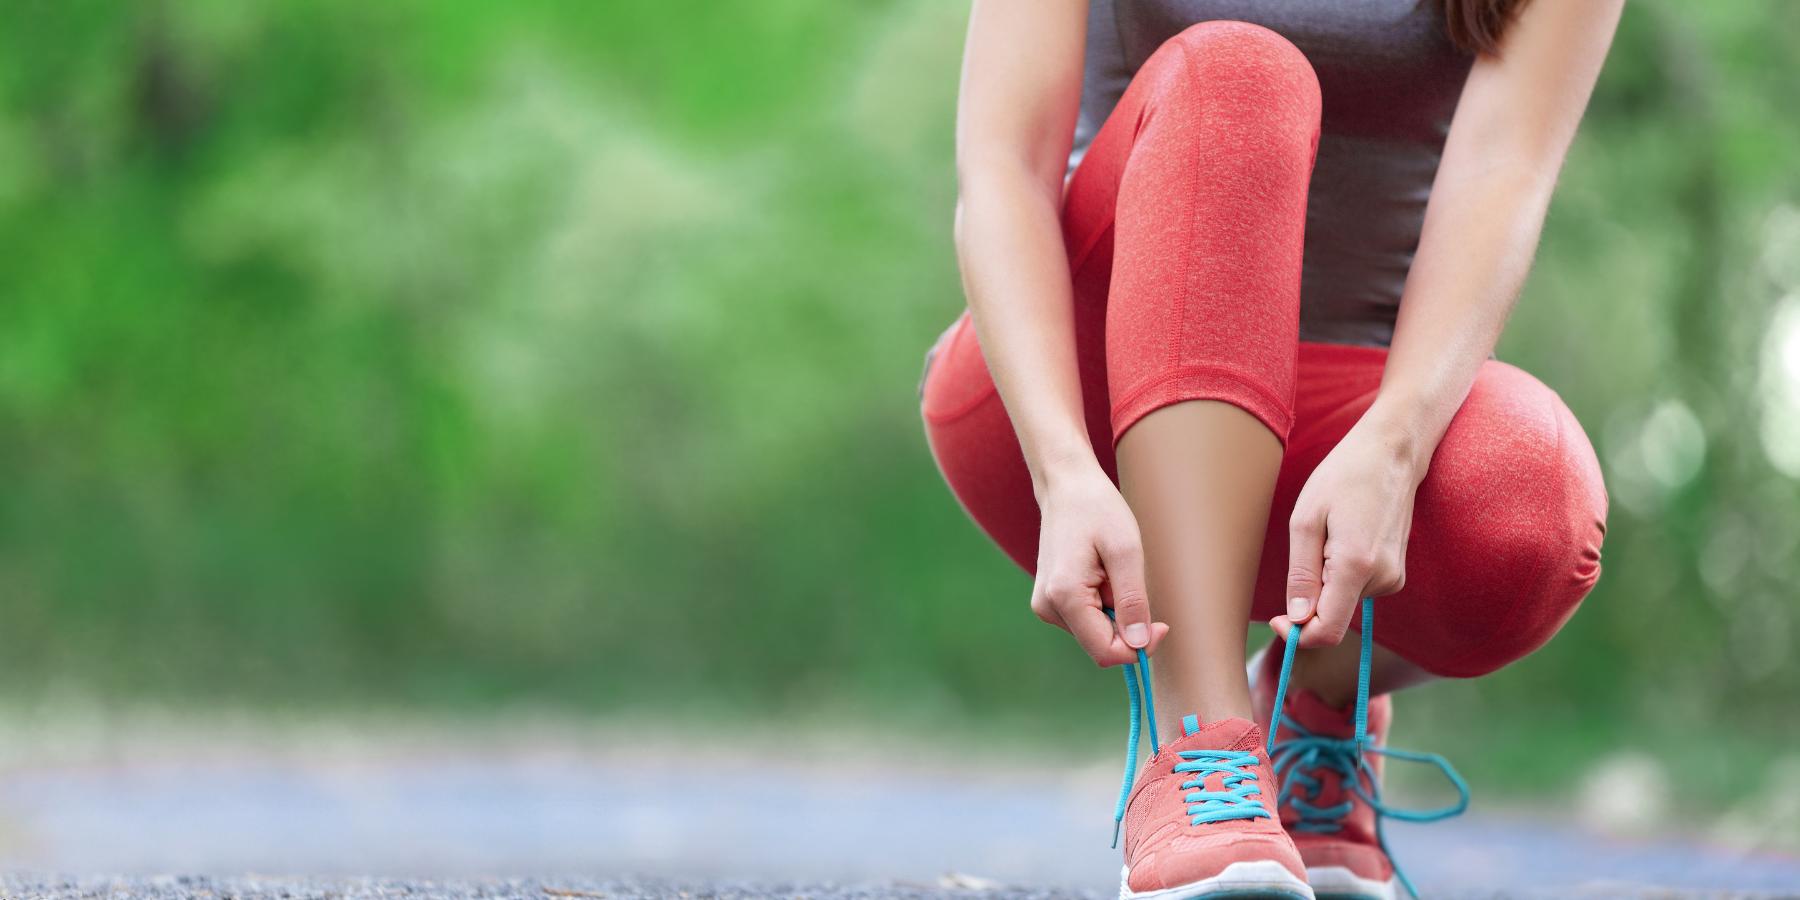 Jak zhubnout chůzí: choďte pravidelně a hlídejte si tepovku